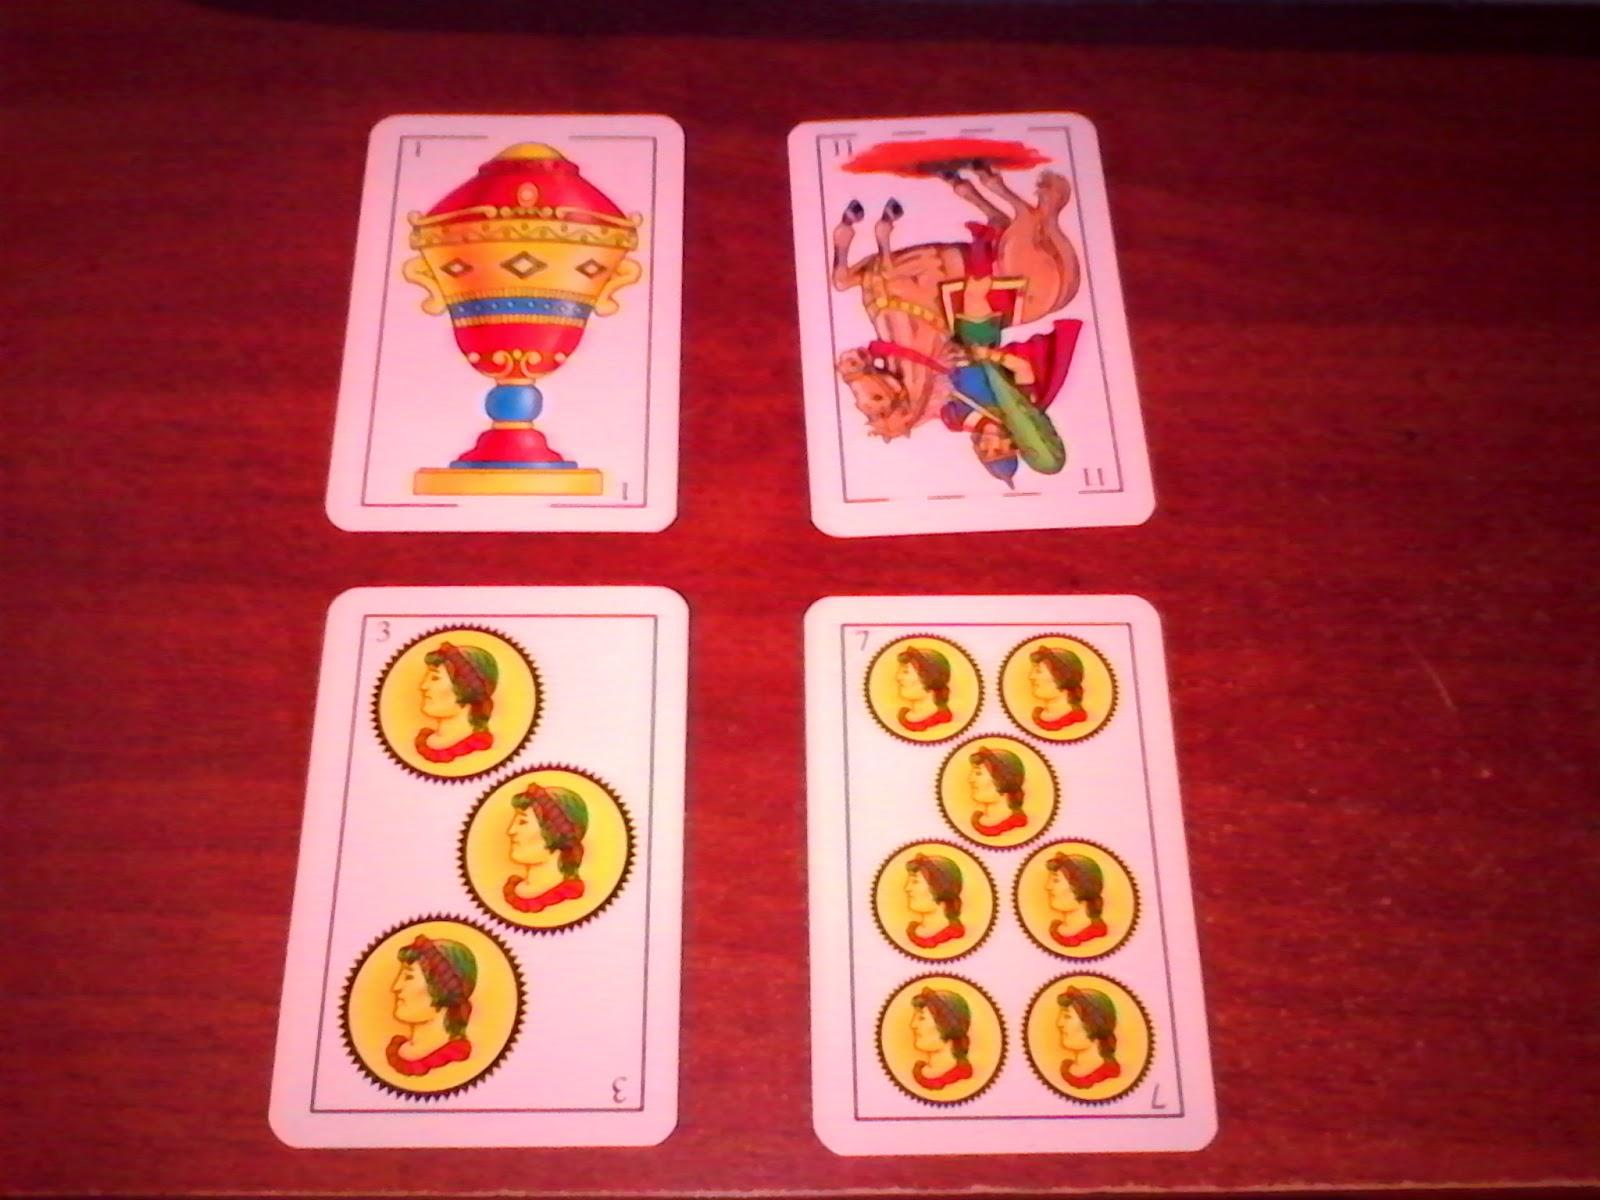 Casino online con bono de bienvenida juegos gratis Santa Cruz - 82393